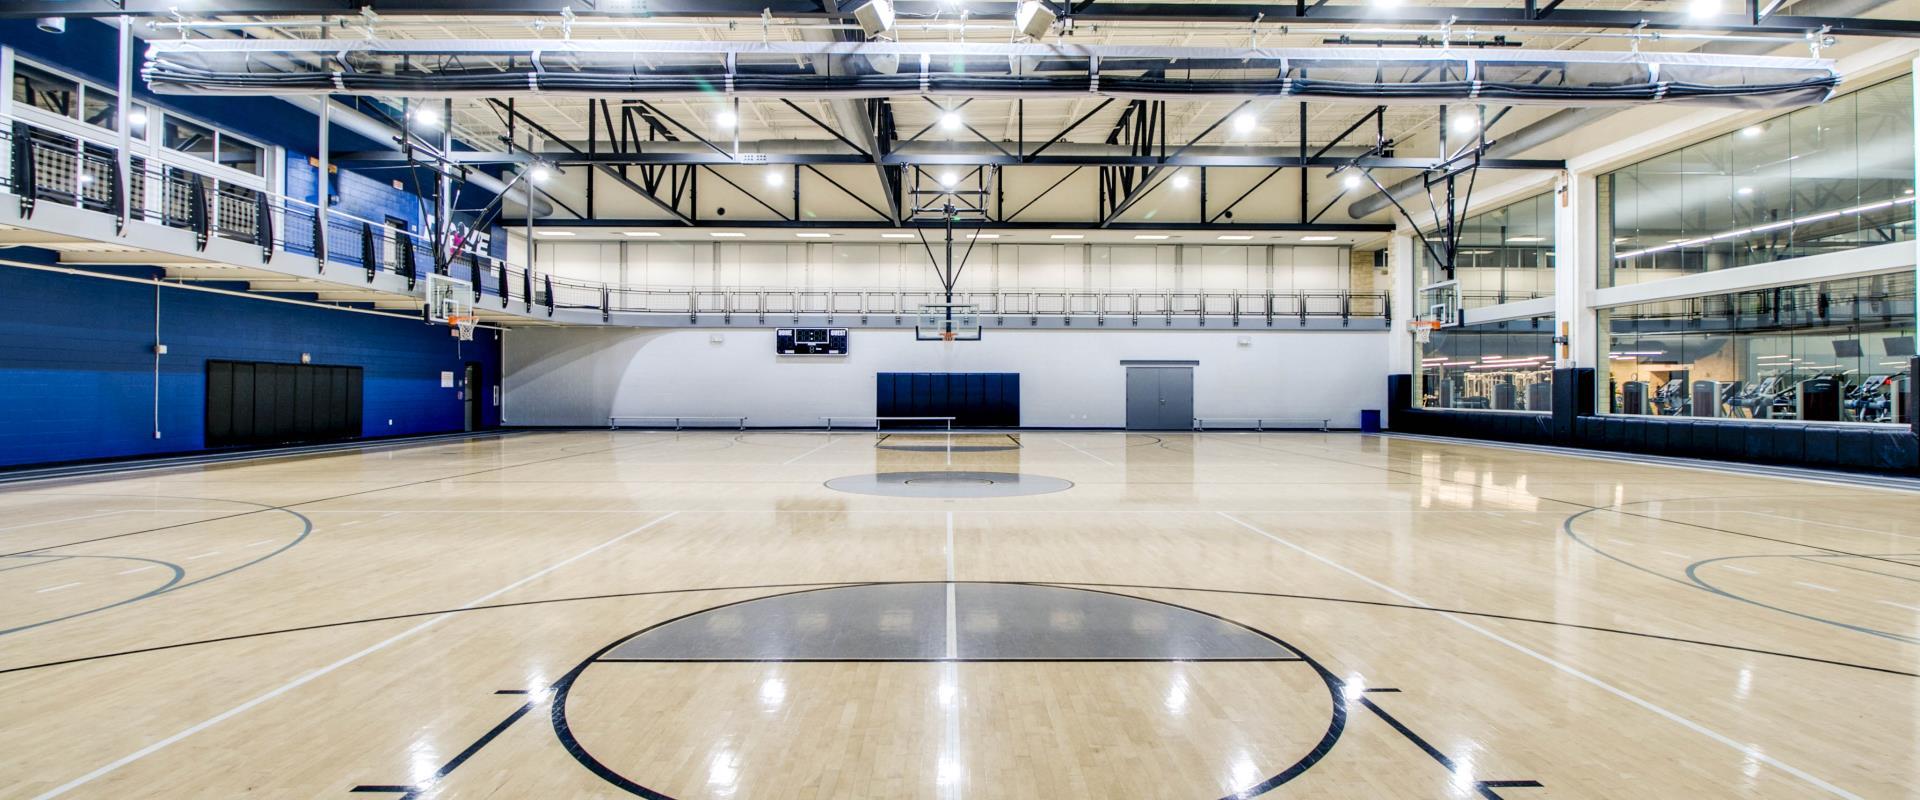 Gym Rentals | Keller Pointe